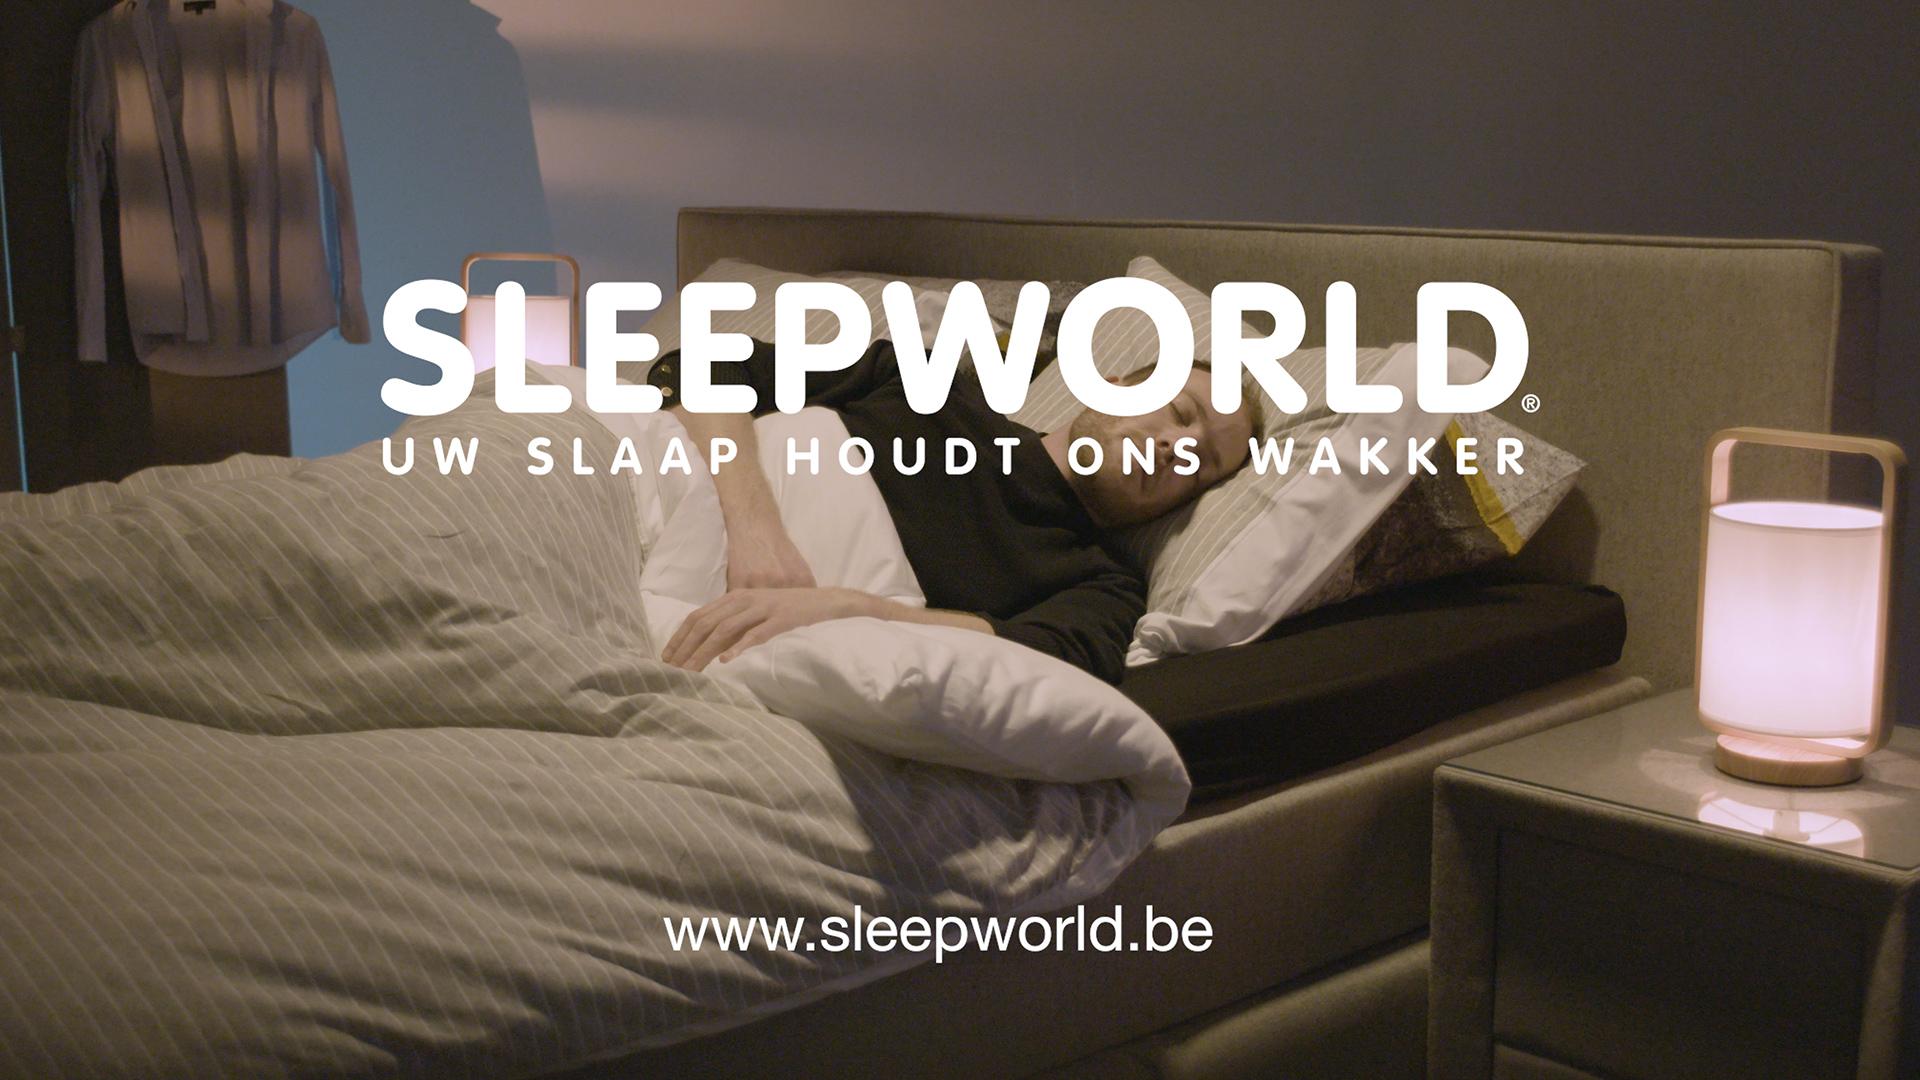 Sleepworld